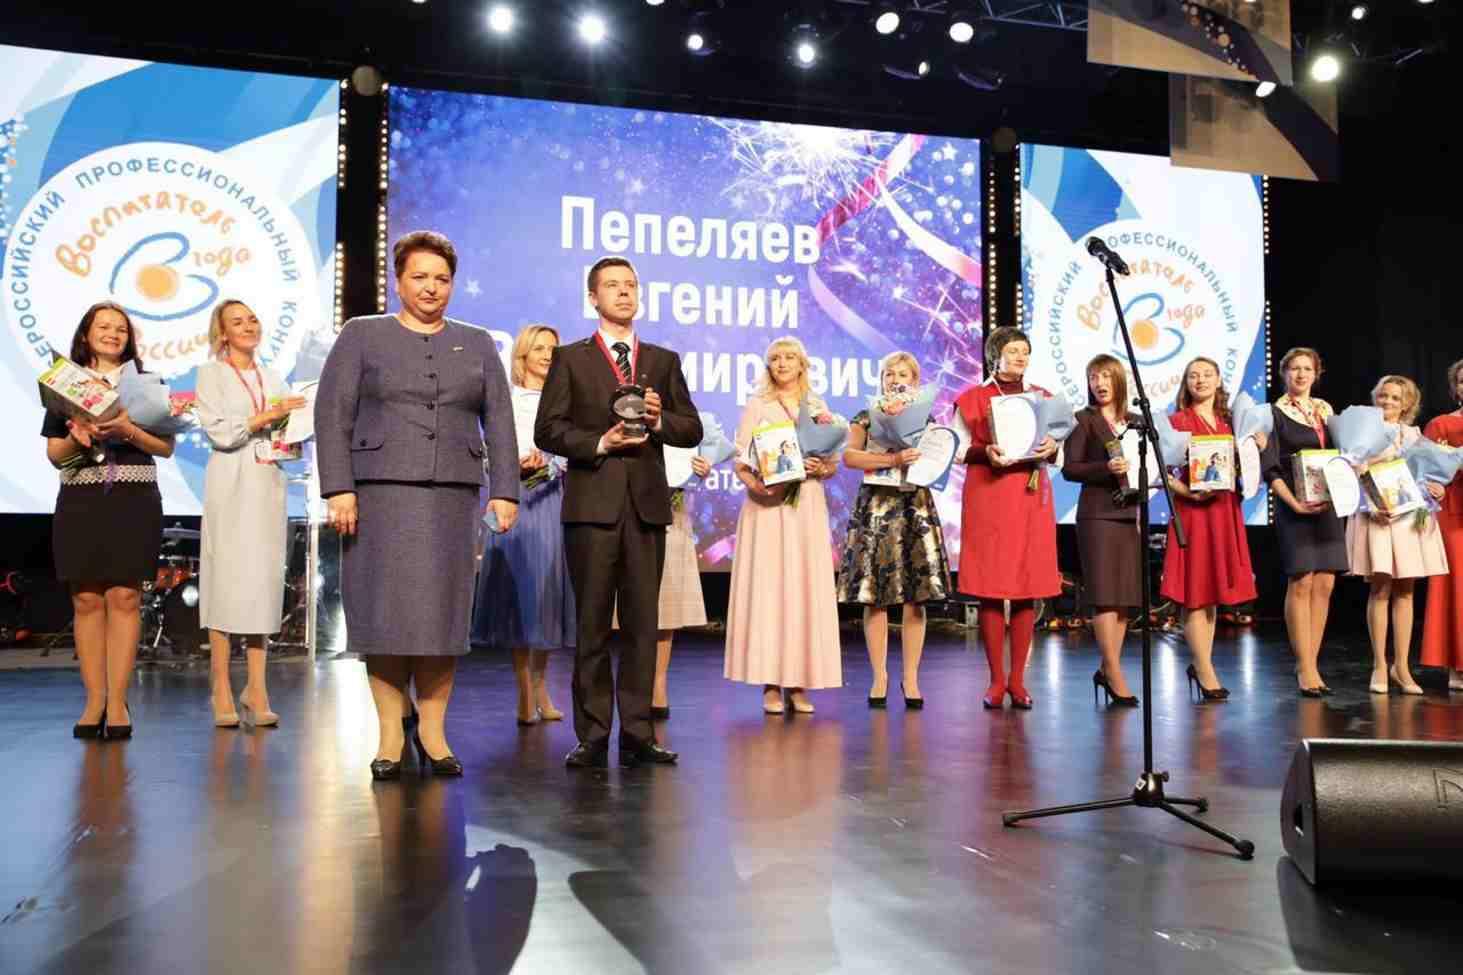 luchshim-vospitatelem-rossii-stal-evgenij-pepelyaev-iz-permskogo-kraya